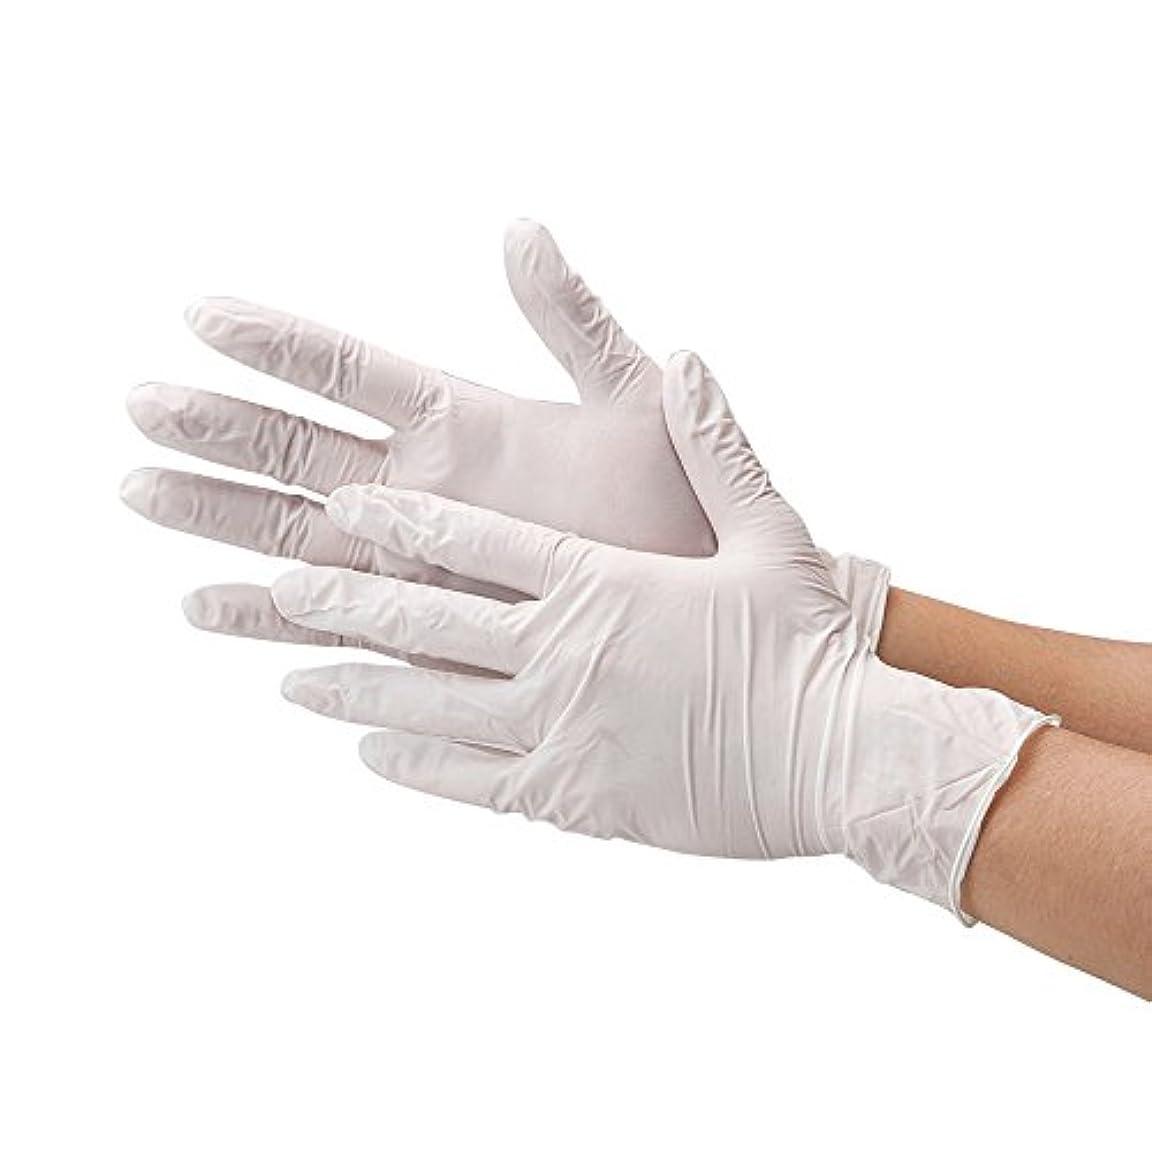 代わって対抗聖書使い捨て手袋 まるで素手の様な感覚で作業ができる 極薄 ゴム手袋 白 ホワイト 10枚入り 粉あり (サイズ:M) 左右兼用 食品衛生法適合品